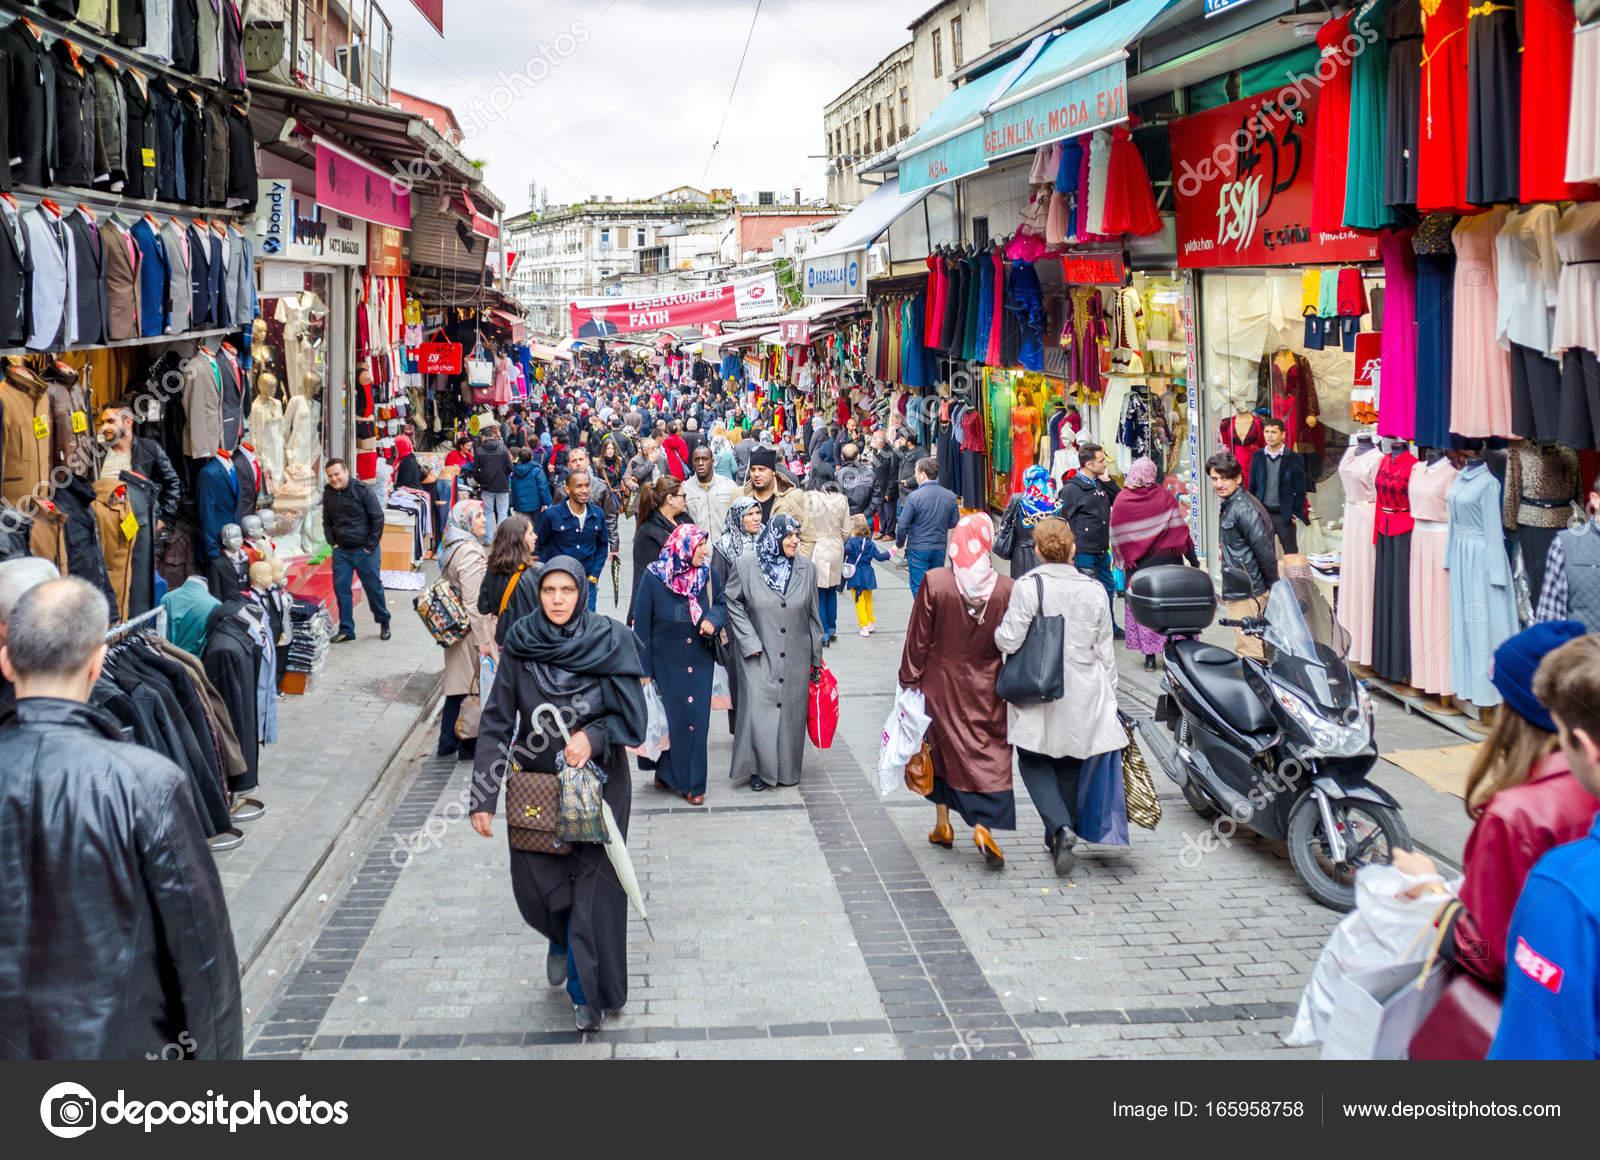 de0b20ae0f Είσοδος για το μεγάλο παζάρι στην Κωνσταντινούπολη Απρίλιος 201 — Εικόνα  από ...